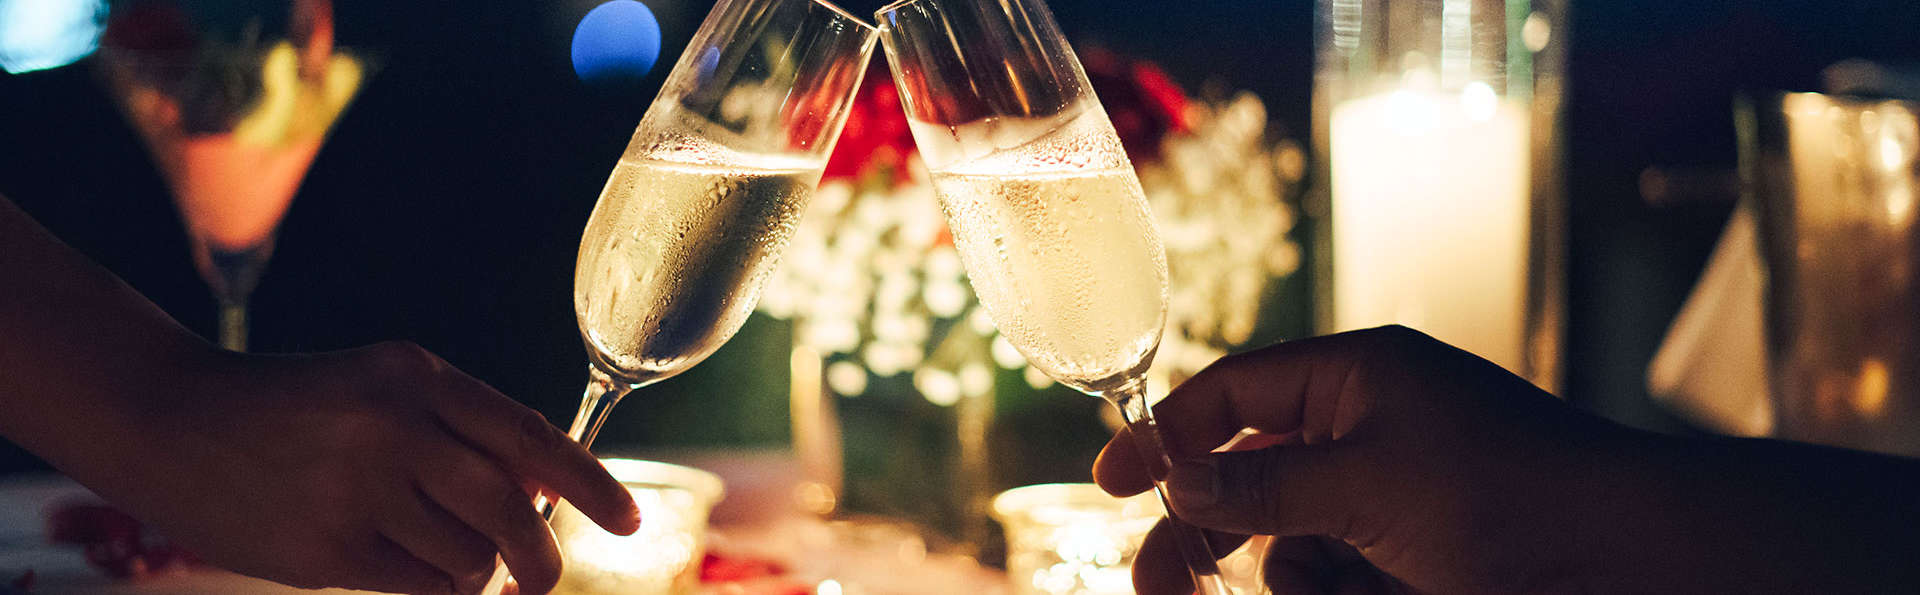 Pure romance à Liège avec champagne et atmosphère romantique